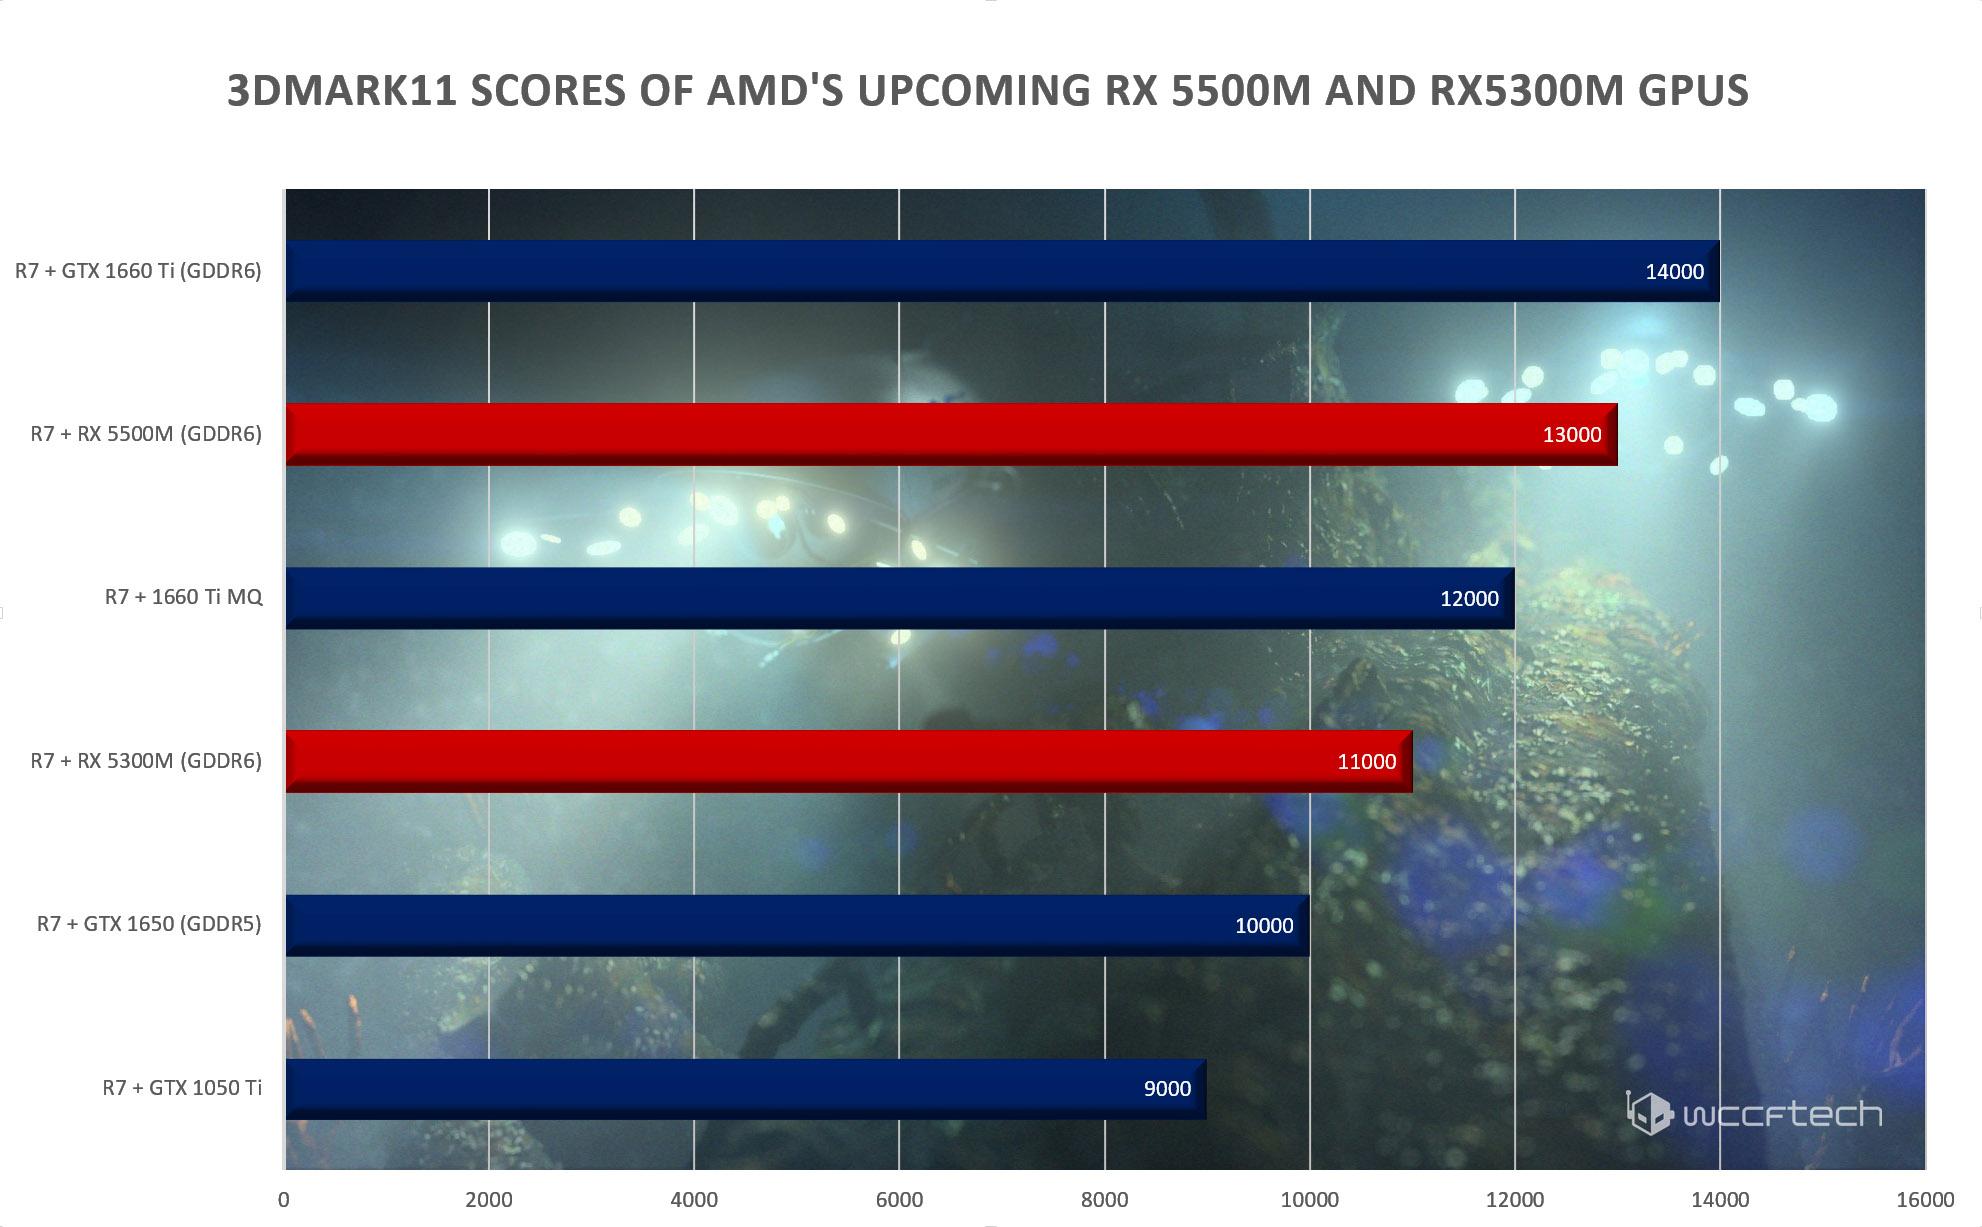 Image 2 : Les Radeon RX 5500M et 5300M face aux GTX 1650 et 1660 sous 3DMark 11